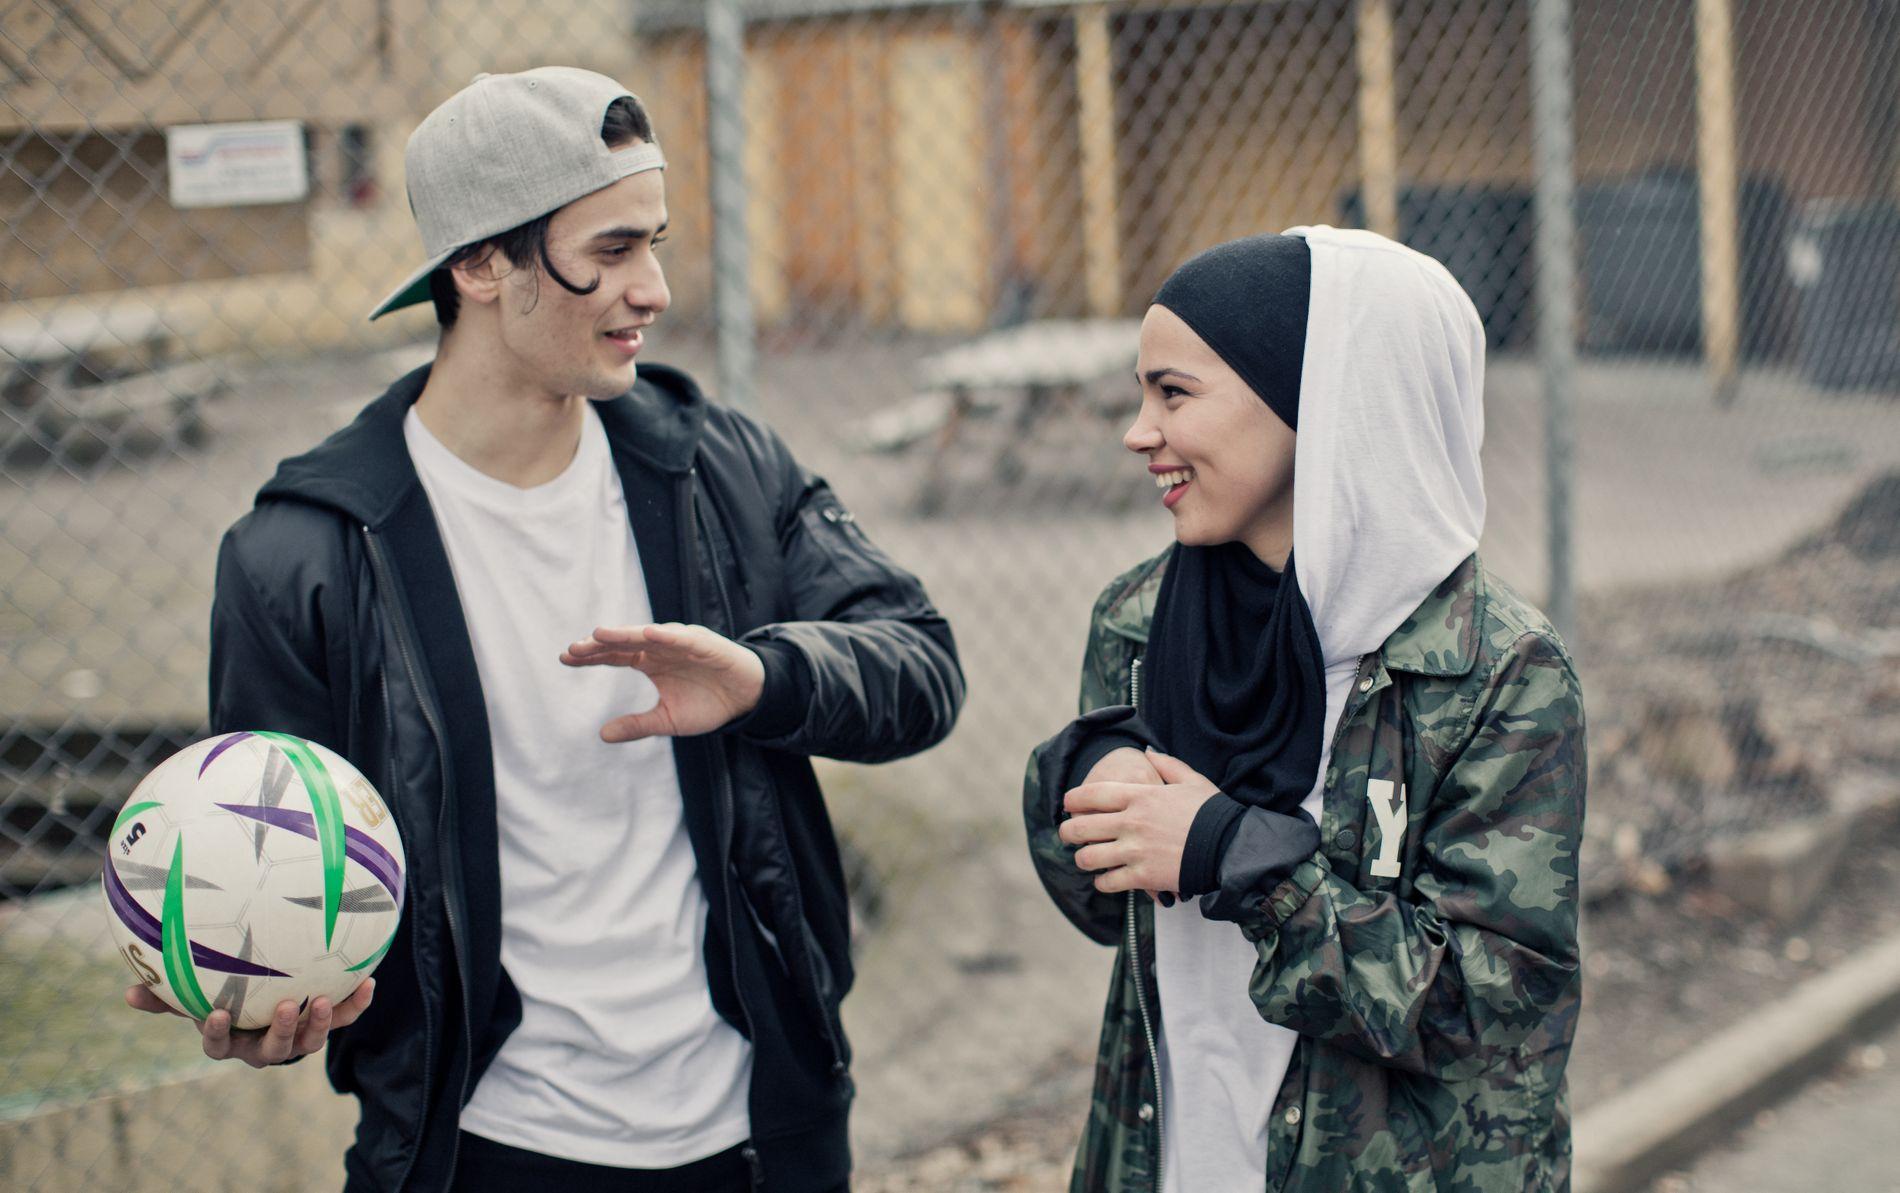 RØDMERKET: Kun til omtale av NRK-serien Skam. Her fra sesong 4. Cengiz Al som Yousef og Iman Meskini som Sana. Foto: NRK